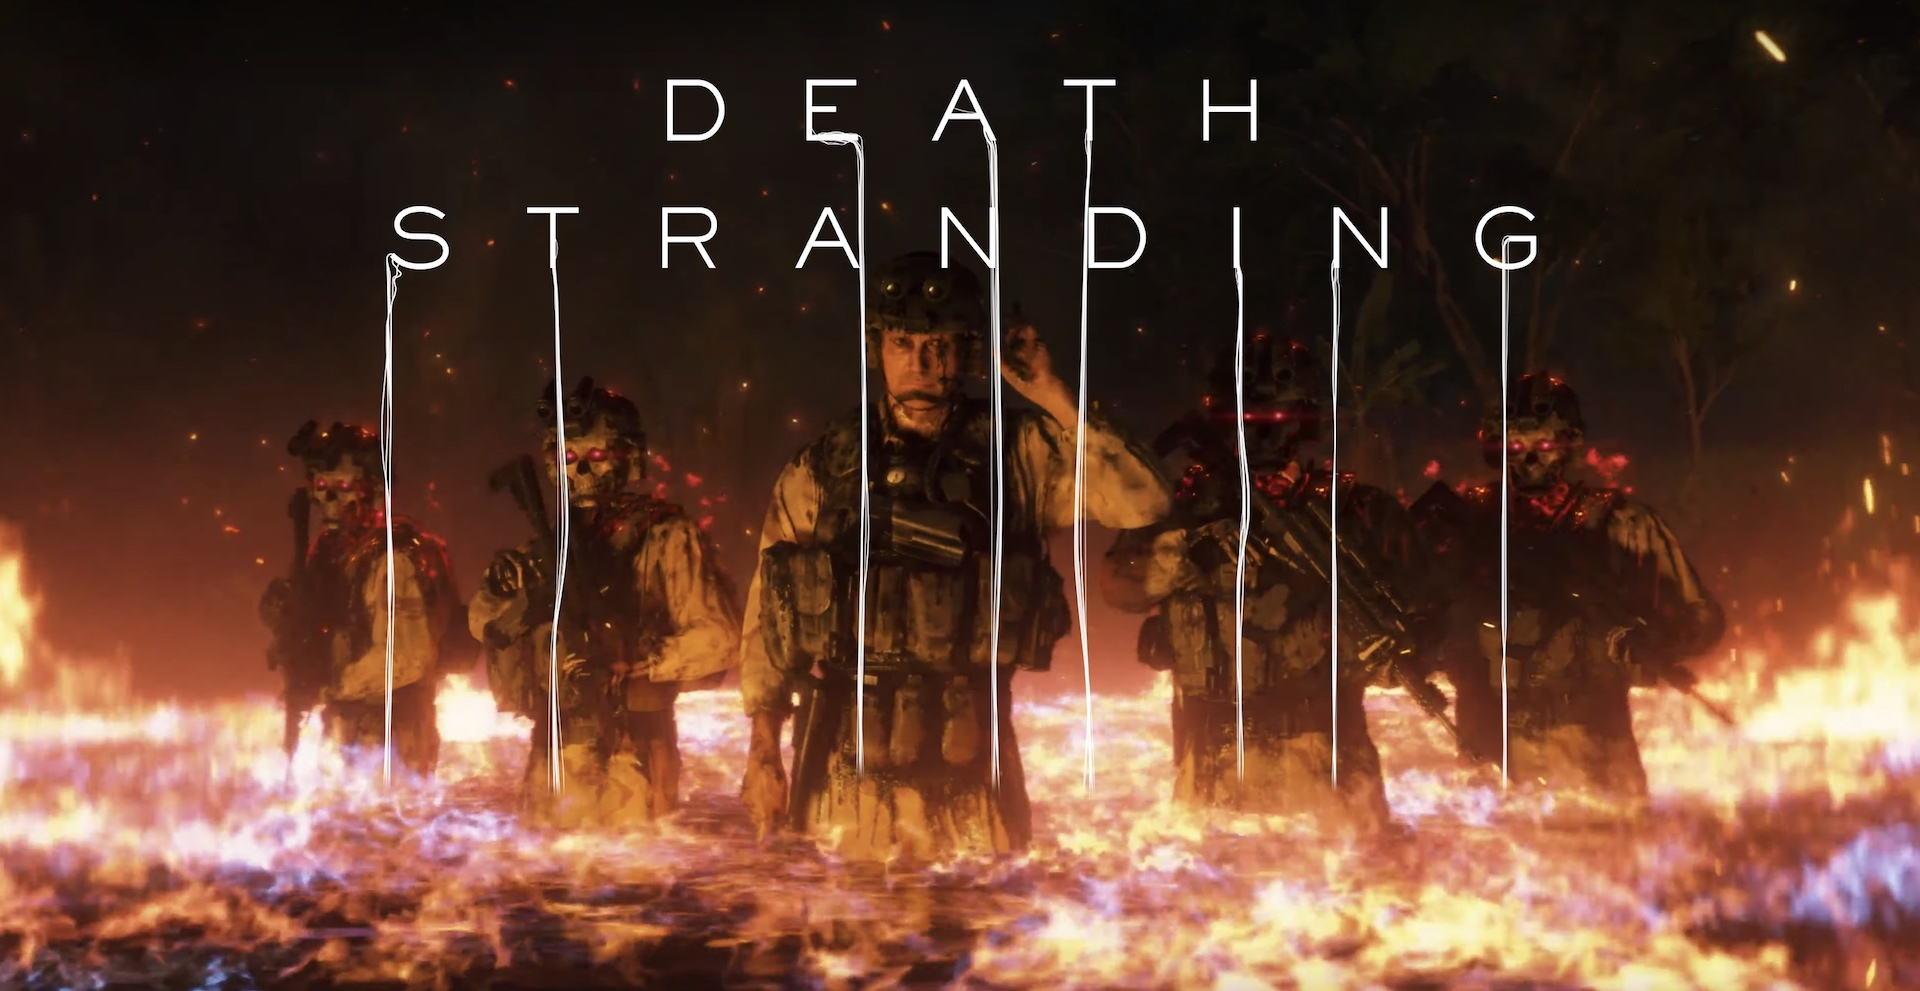 تریلر بازی Death Stranding سونی